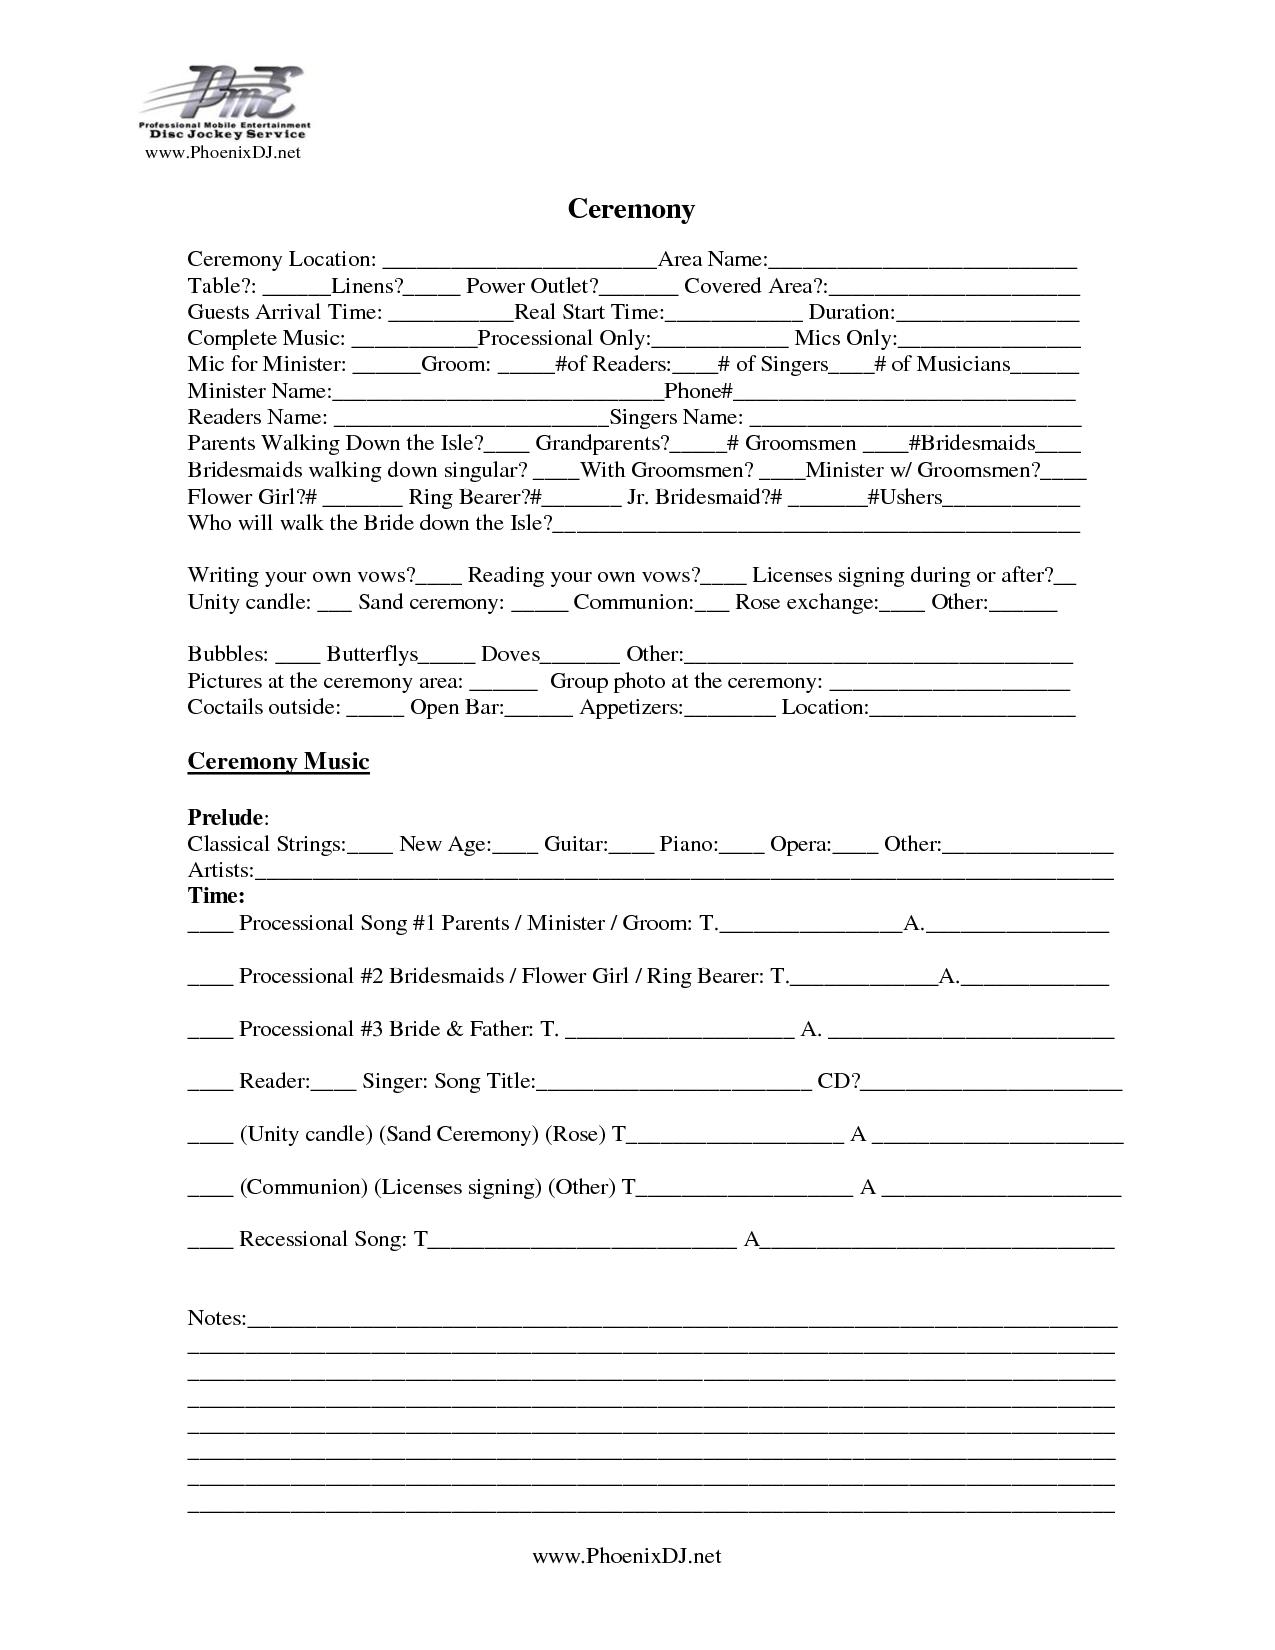 wedding ceremony planning worksheets conseils sur le blog de mariage. Black Bedroom Furniture Sets. Home Design Ideas